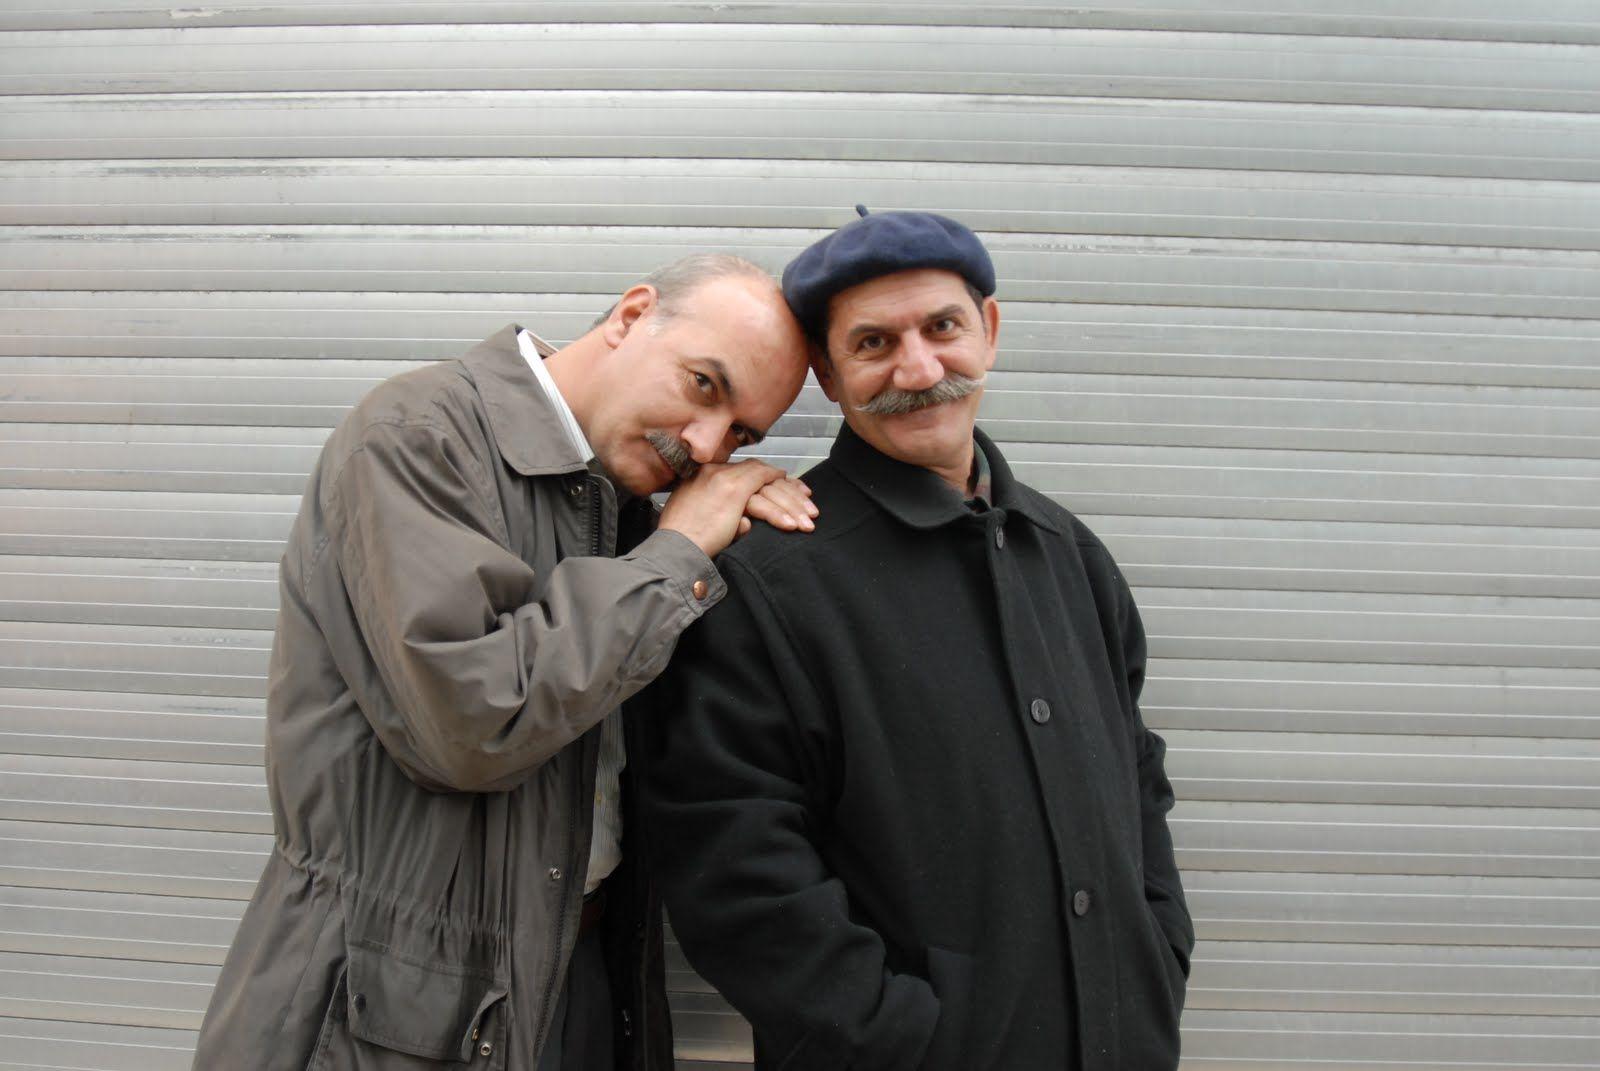 ایرج طهماسب و حمید جبلی با مجموعه ای جدید به شبکه خانگی پیوستند